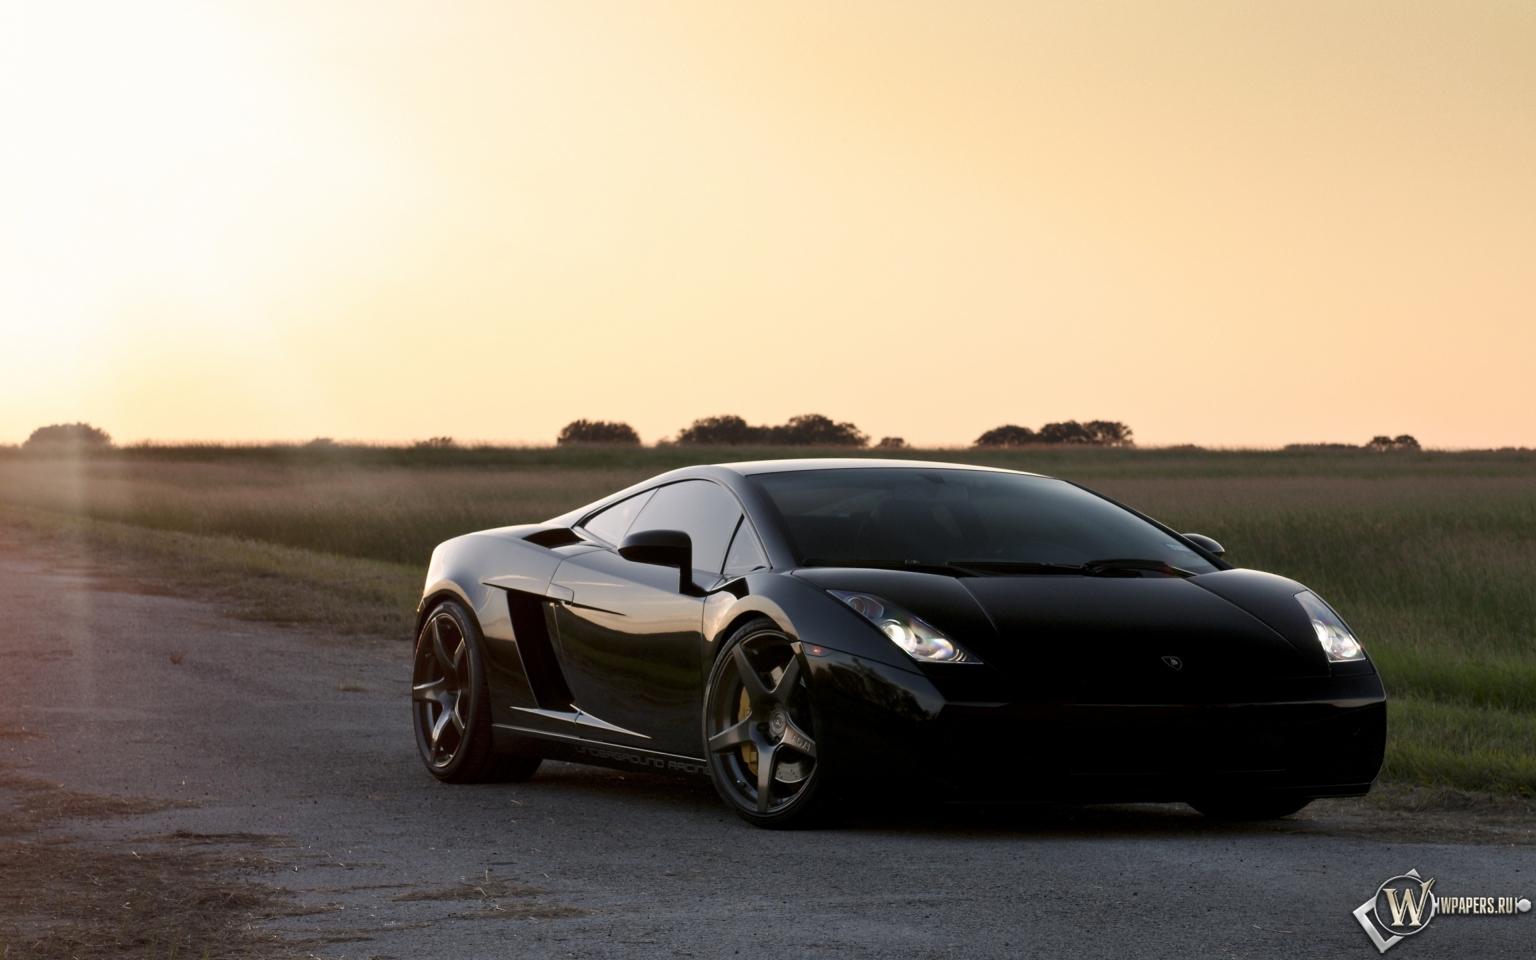 Lamborghini Gallardo 1536x960